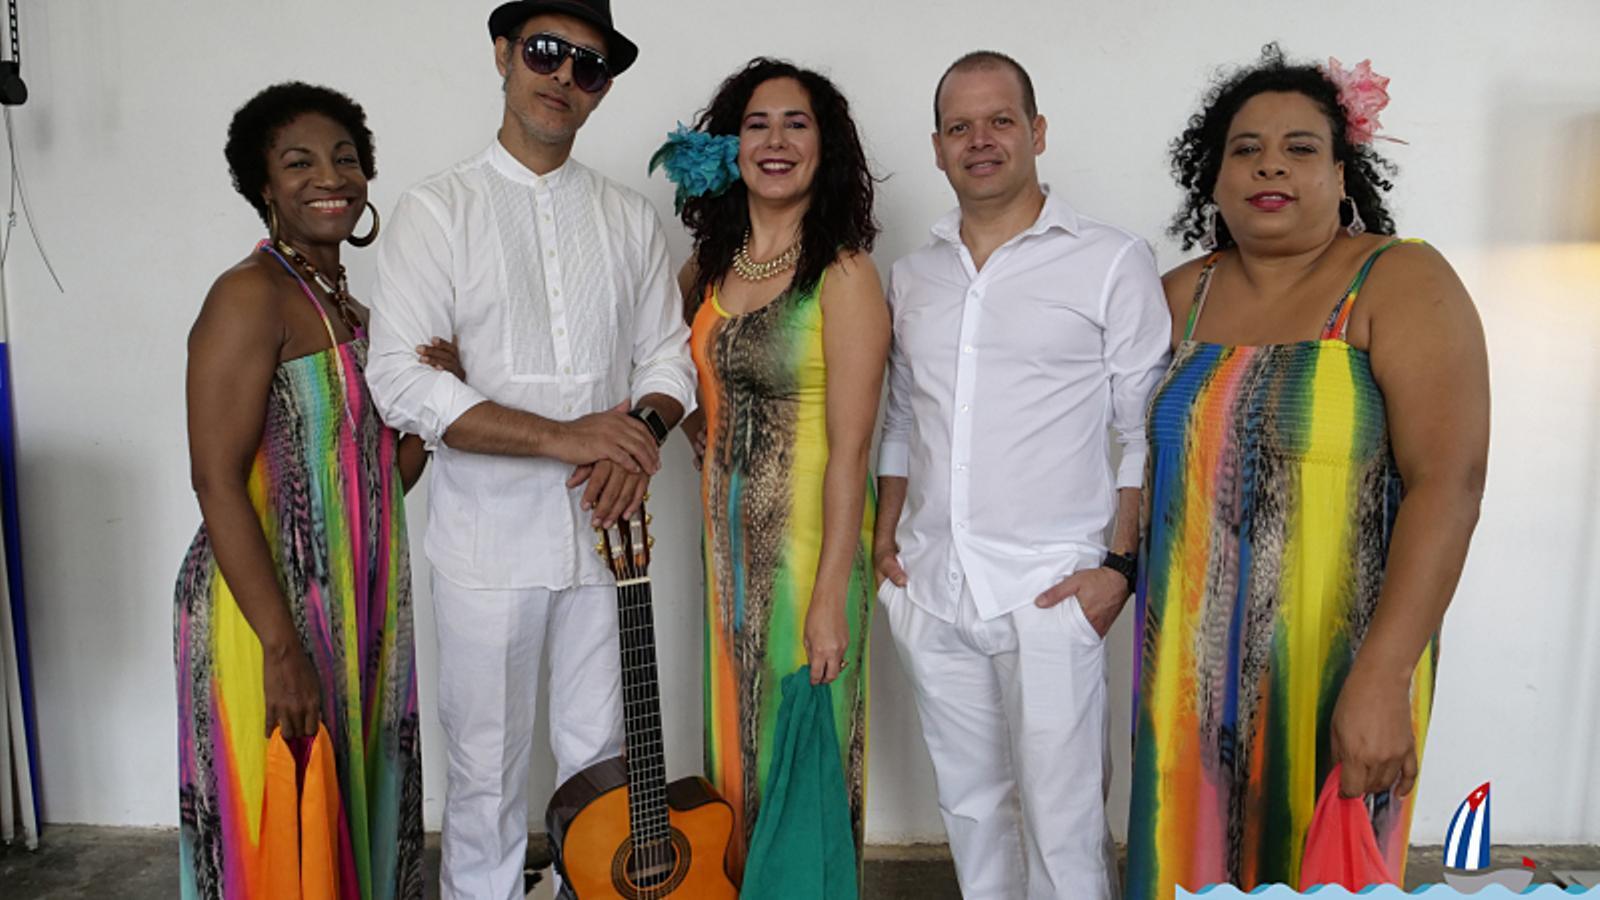 El grup cubà Havàname que actuarà en el marc del cicle 'Encamp en clau de llum' aquest dimarts. / COMÚ D'ENCAMP